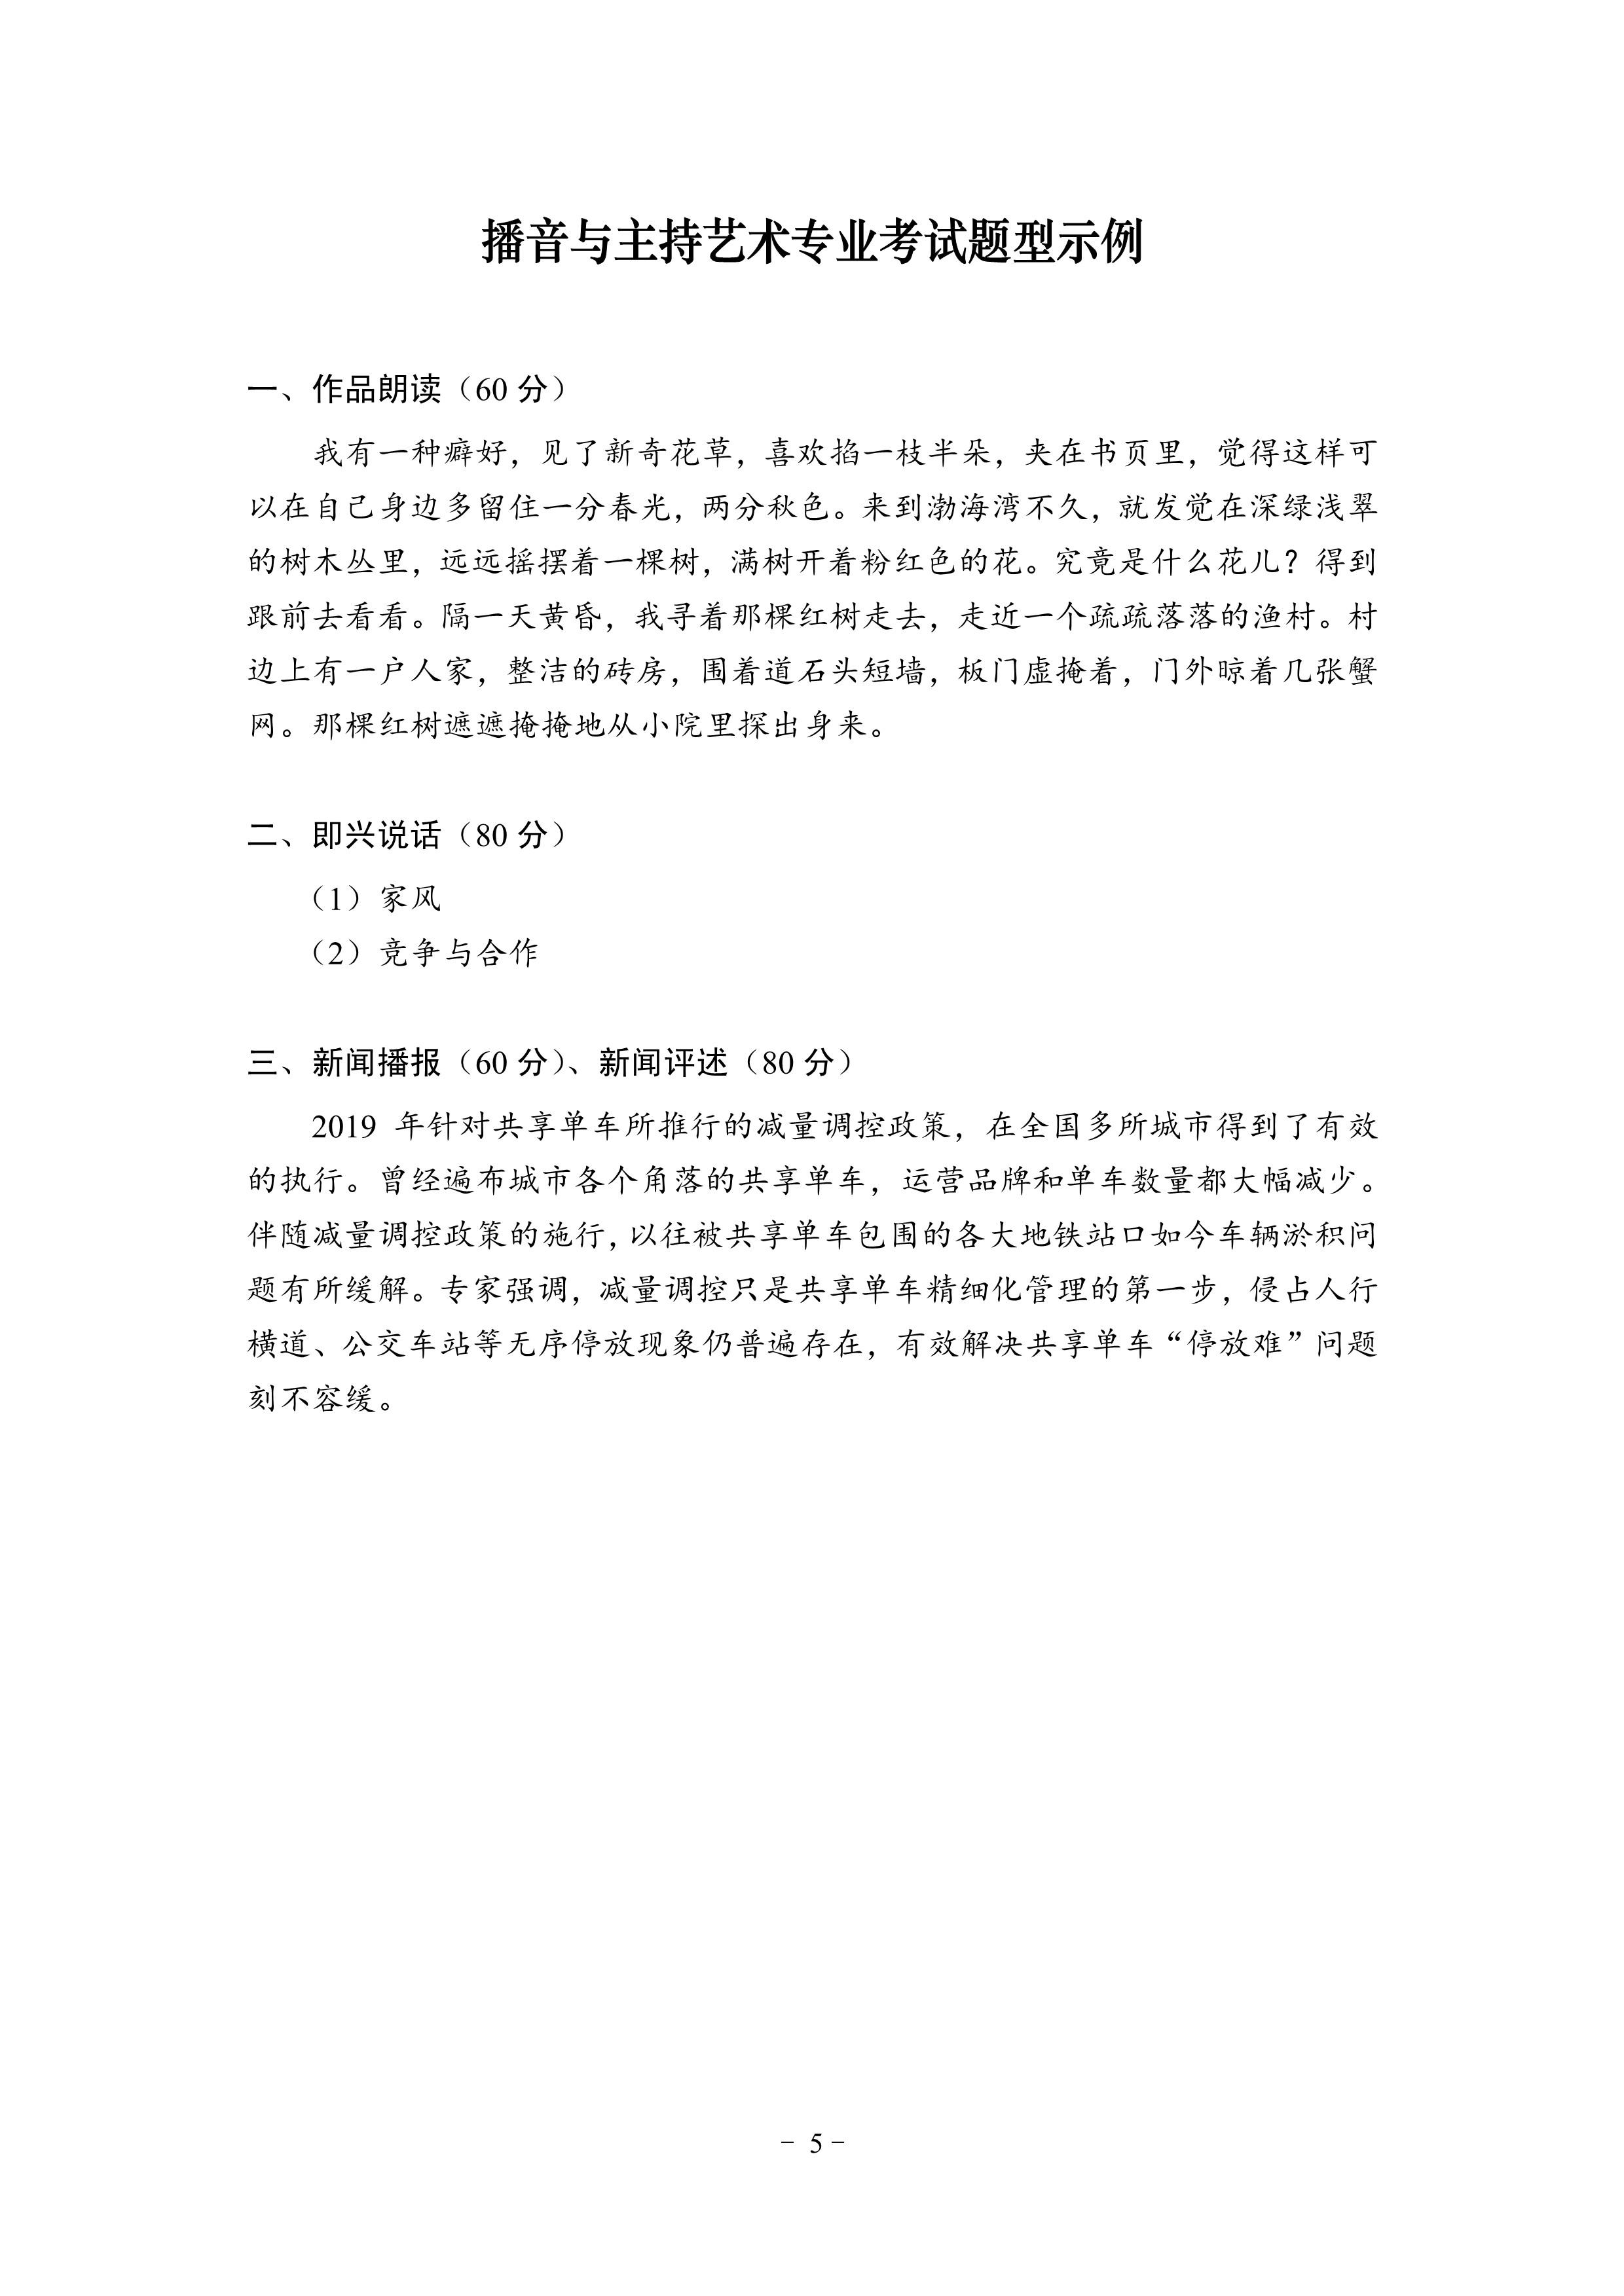 播音与主持艺术专业_5.jpg